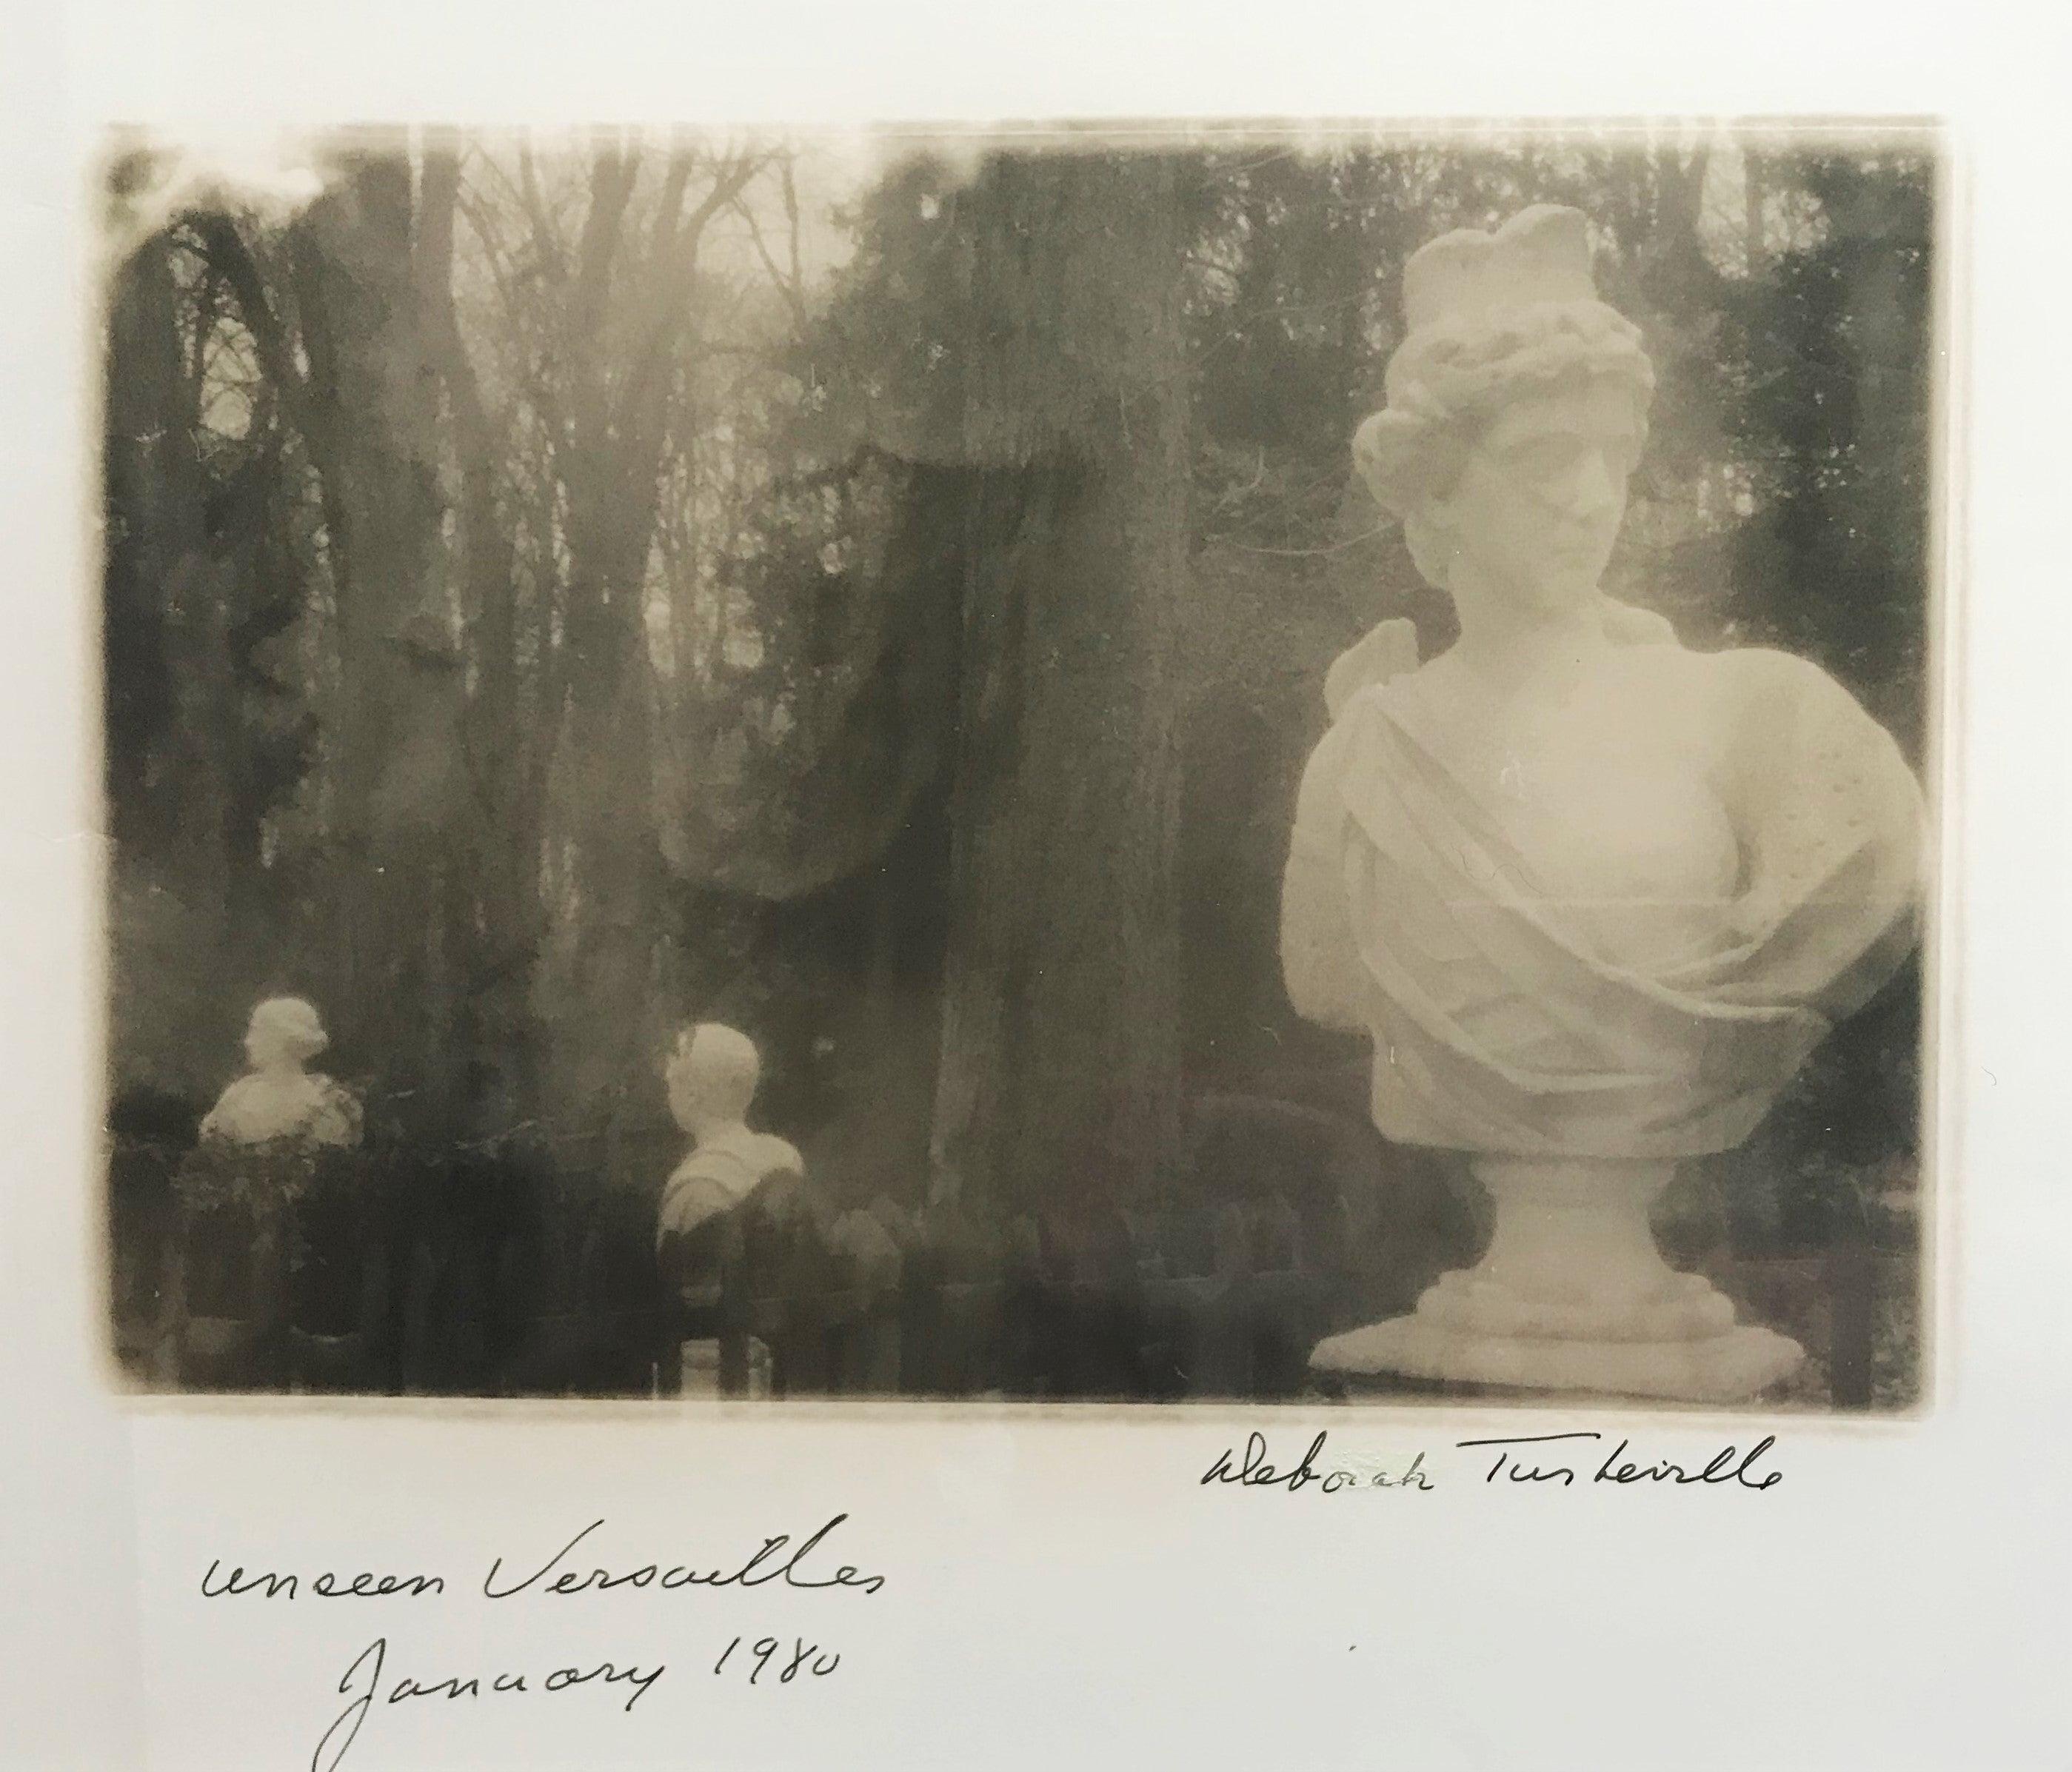 Unseen Versailles January 1980